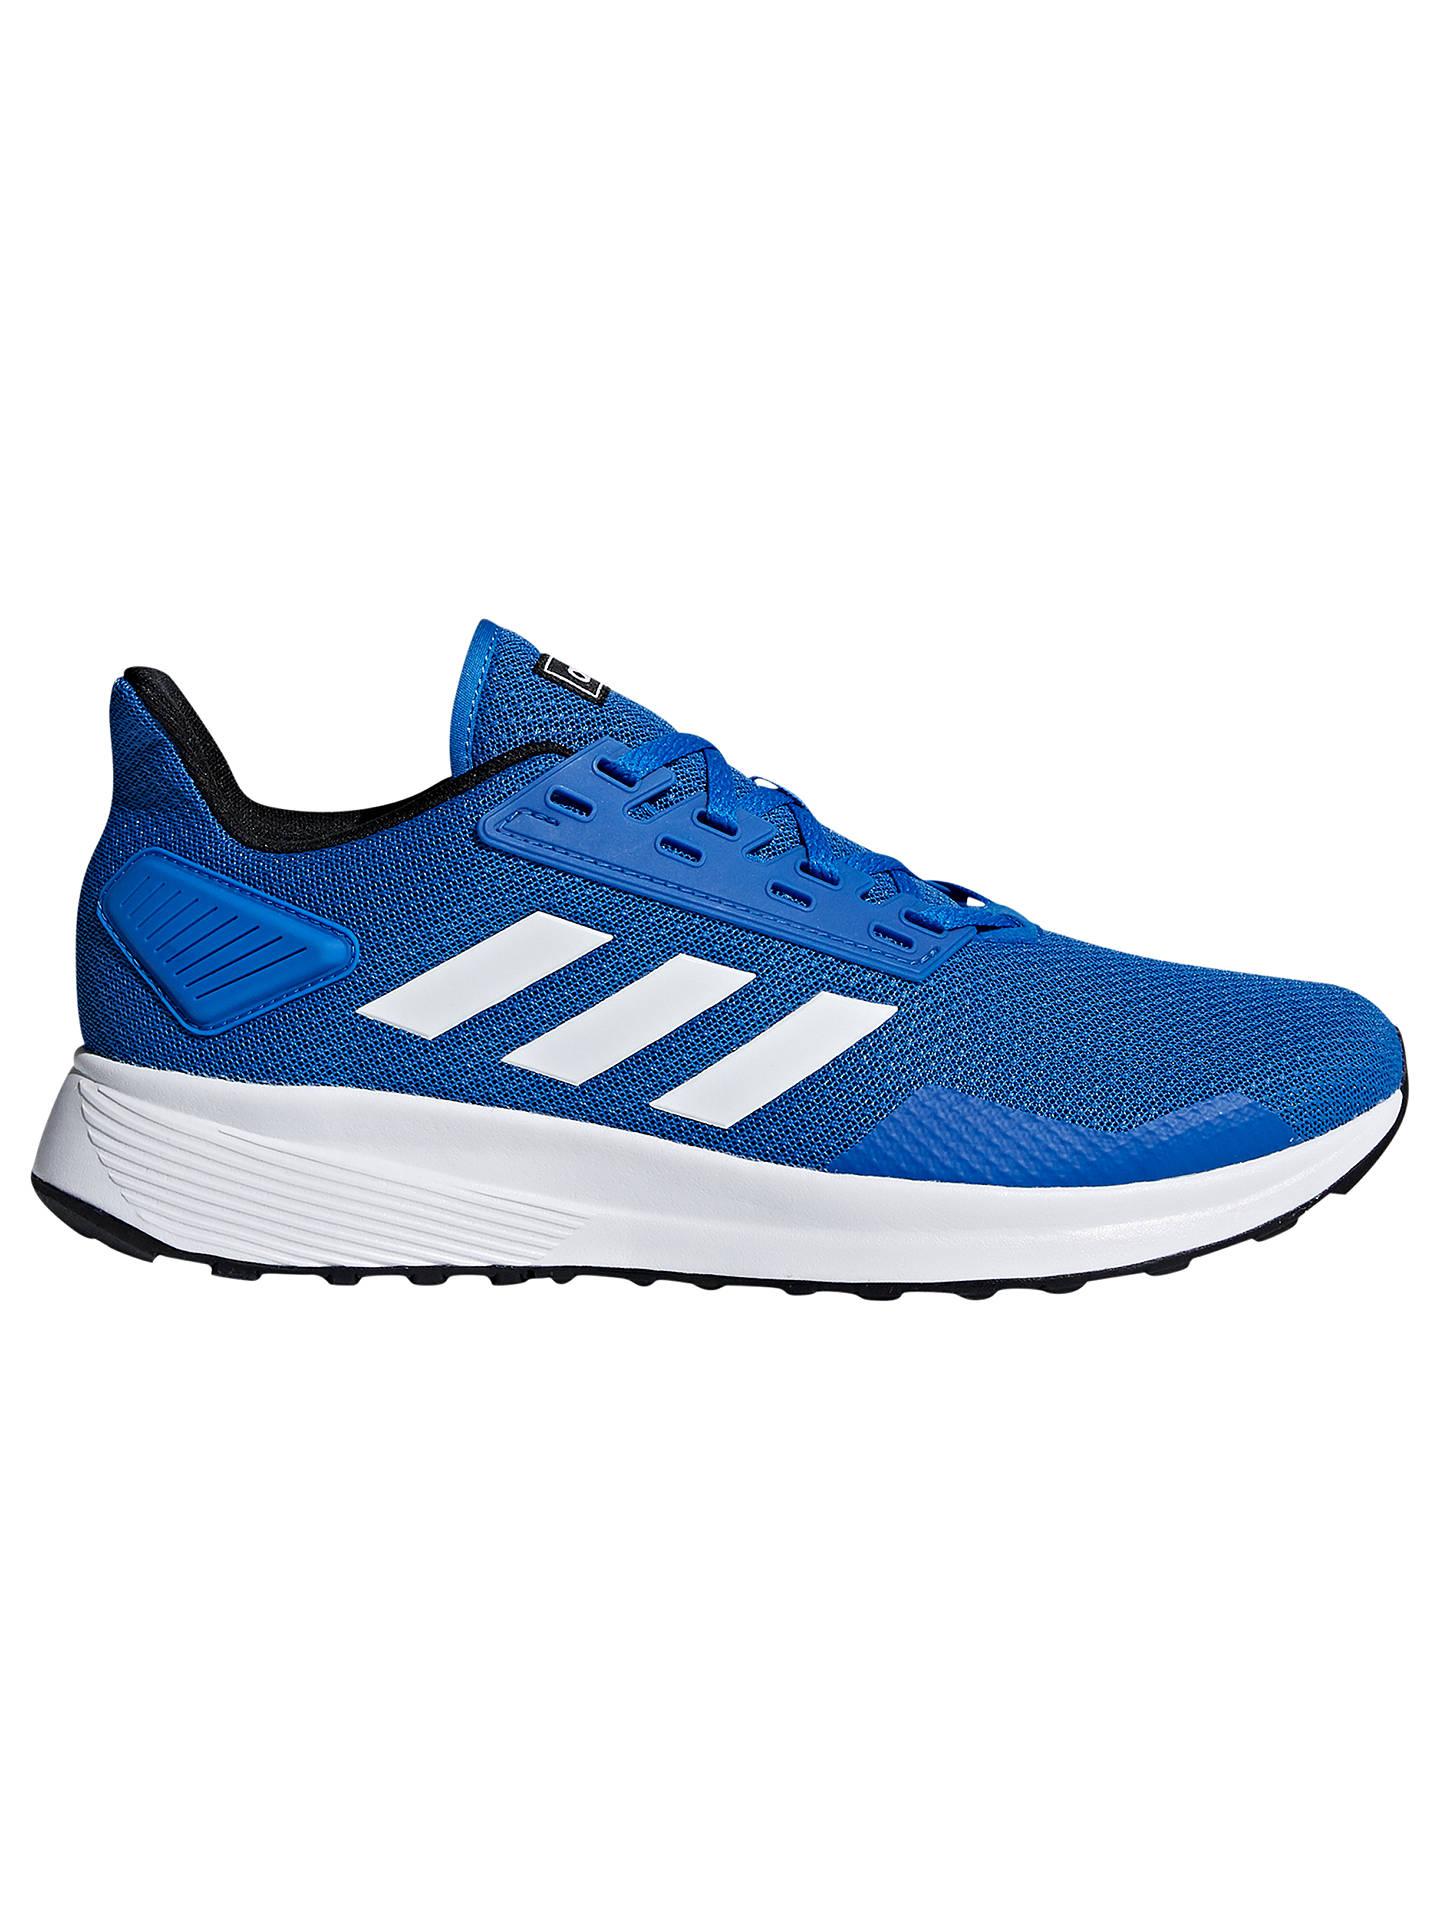 adidas Duramo 9 Men's Running Shoes, Blue/White at John